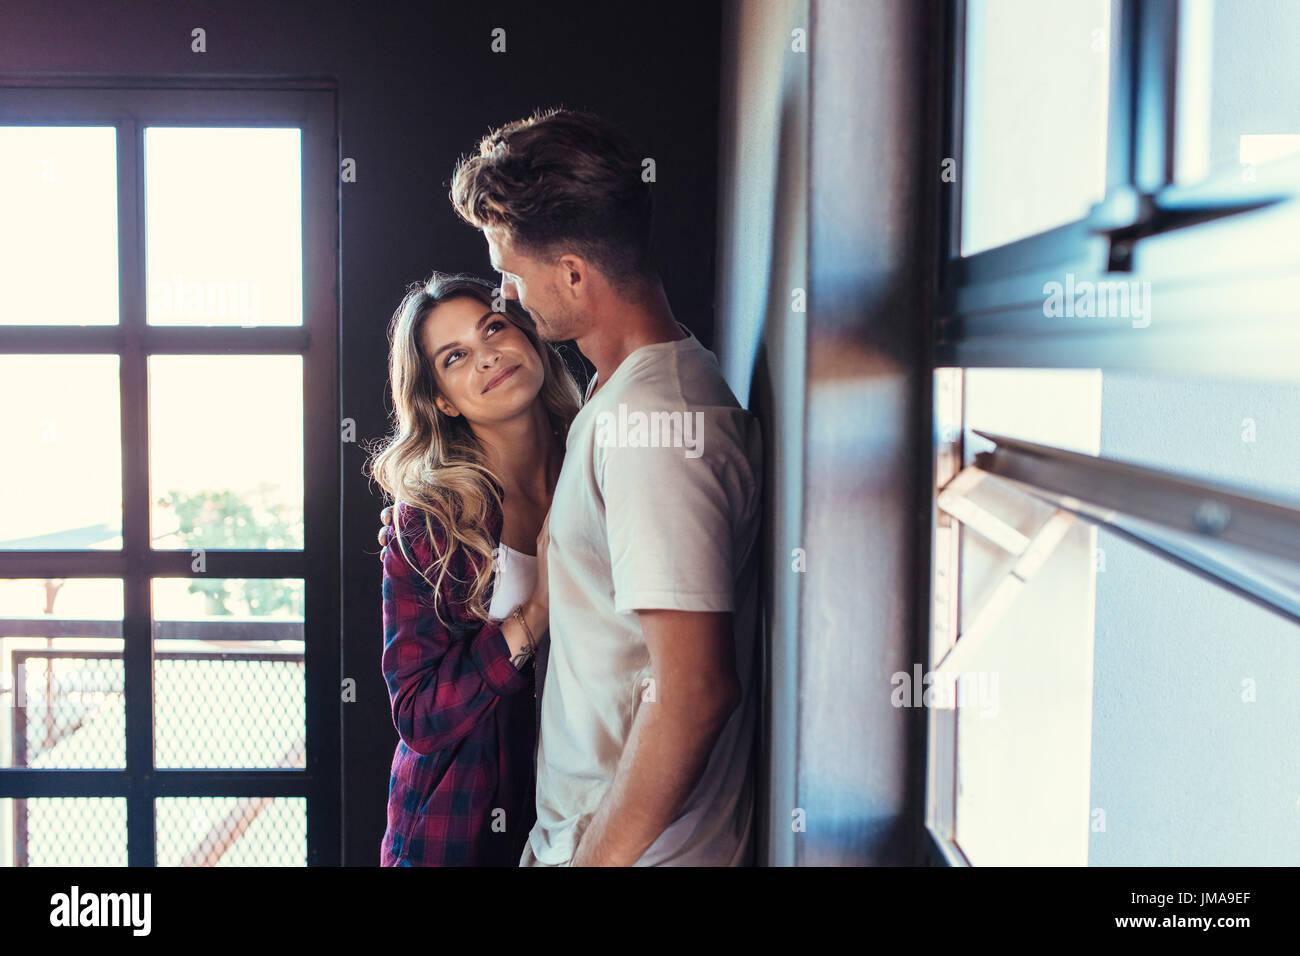 Portrait of young woman. L'homme et de la femme dans l'amour se tenant ensemble à l'intérieur. Photo Stock